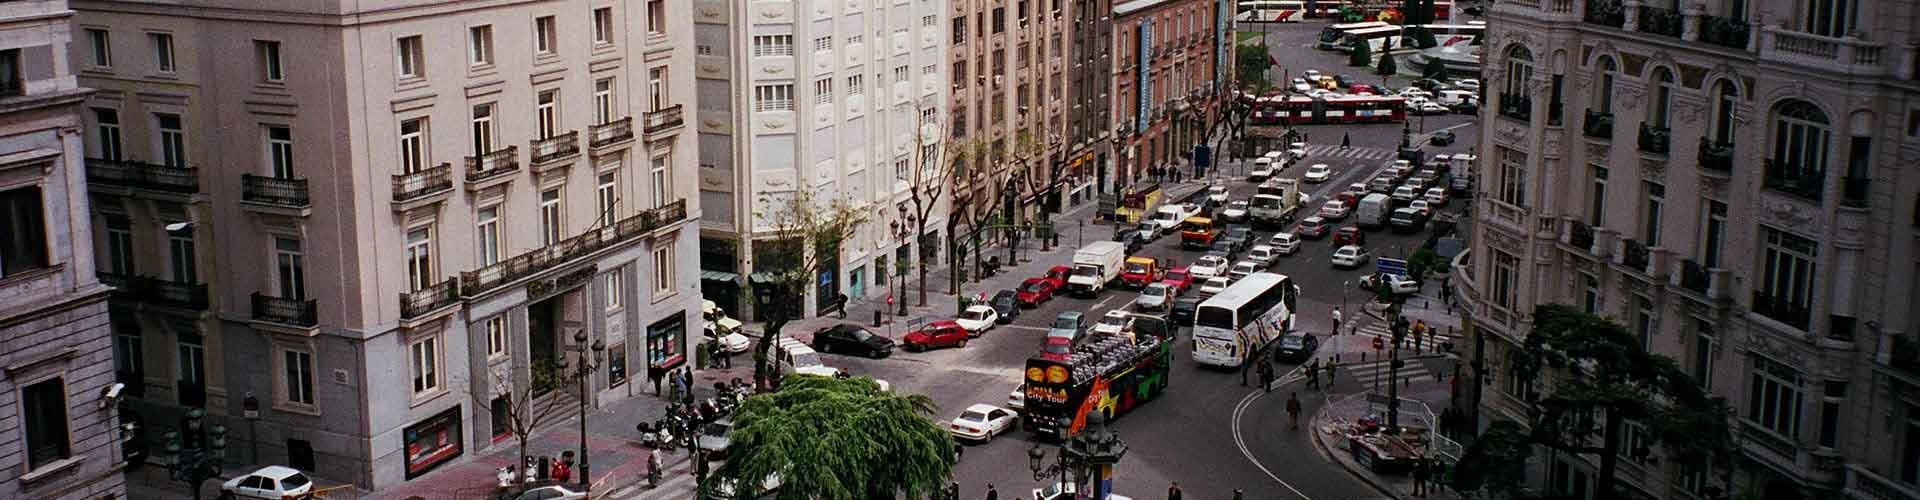 Madrid - Auberges de jeunesse dans le quartier de Cortes. Cartes pour Madrid, photos et commentaires pour chaque auberge de jeunesse à Madrid.